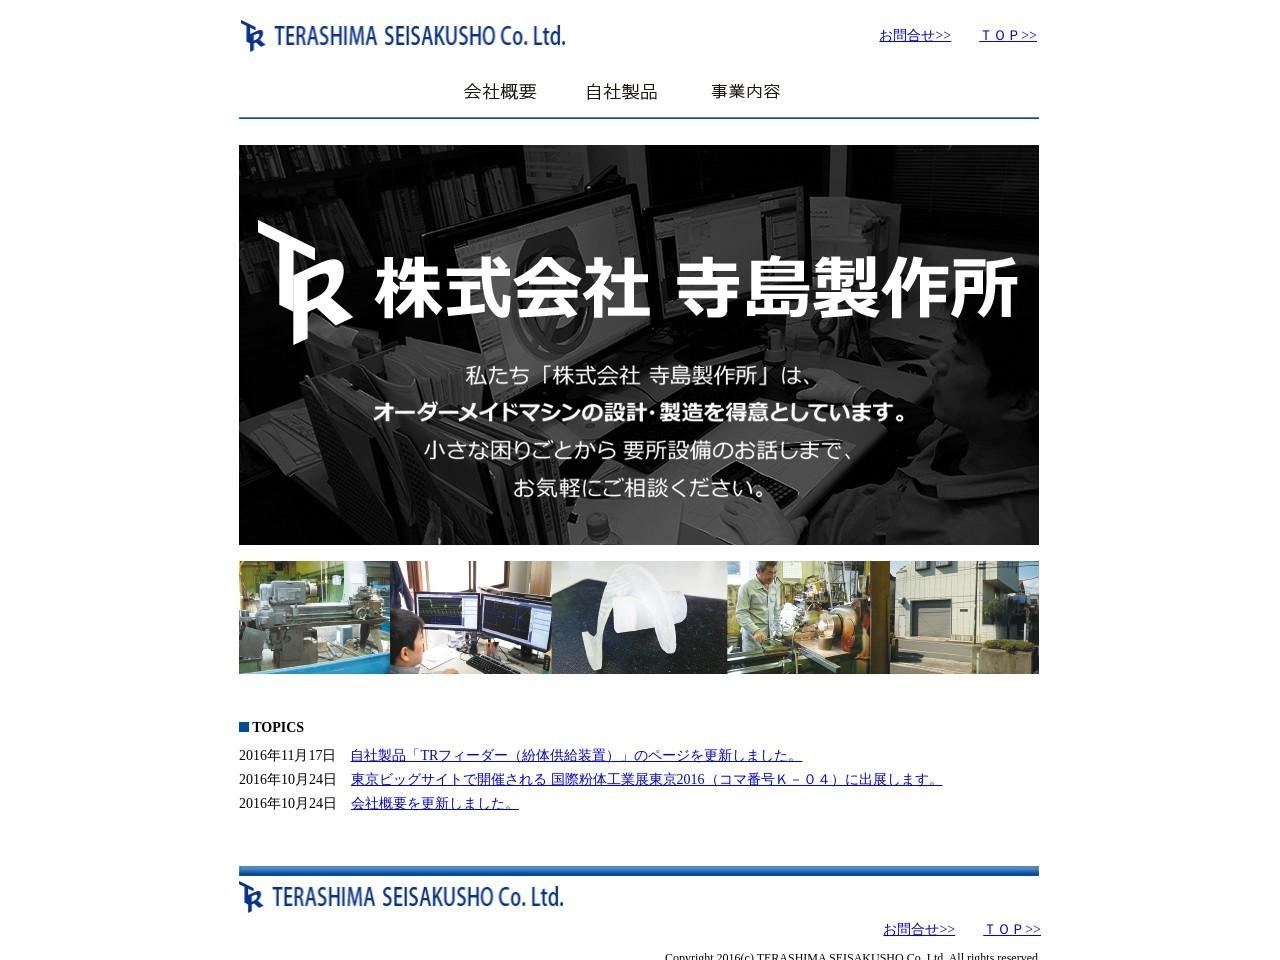 株式会社 寺島製作所